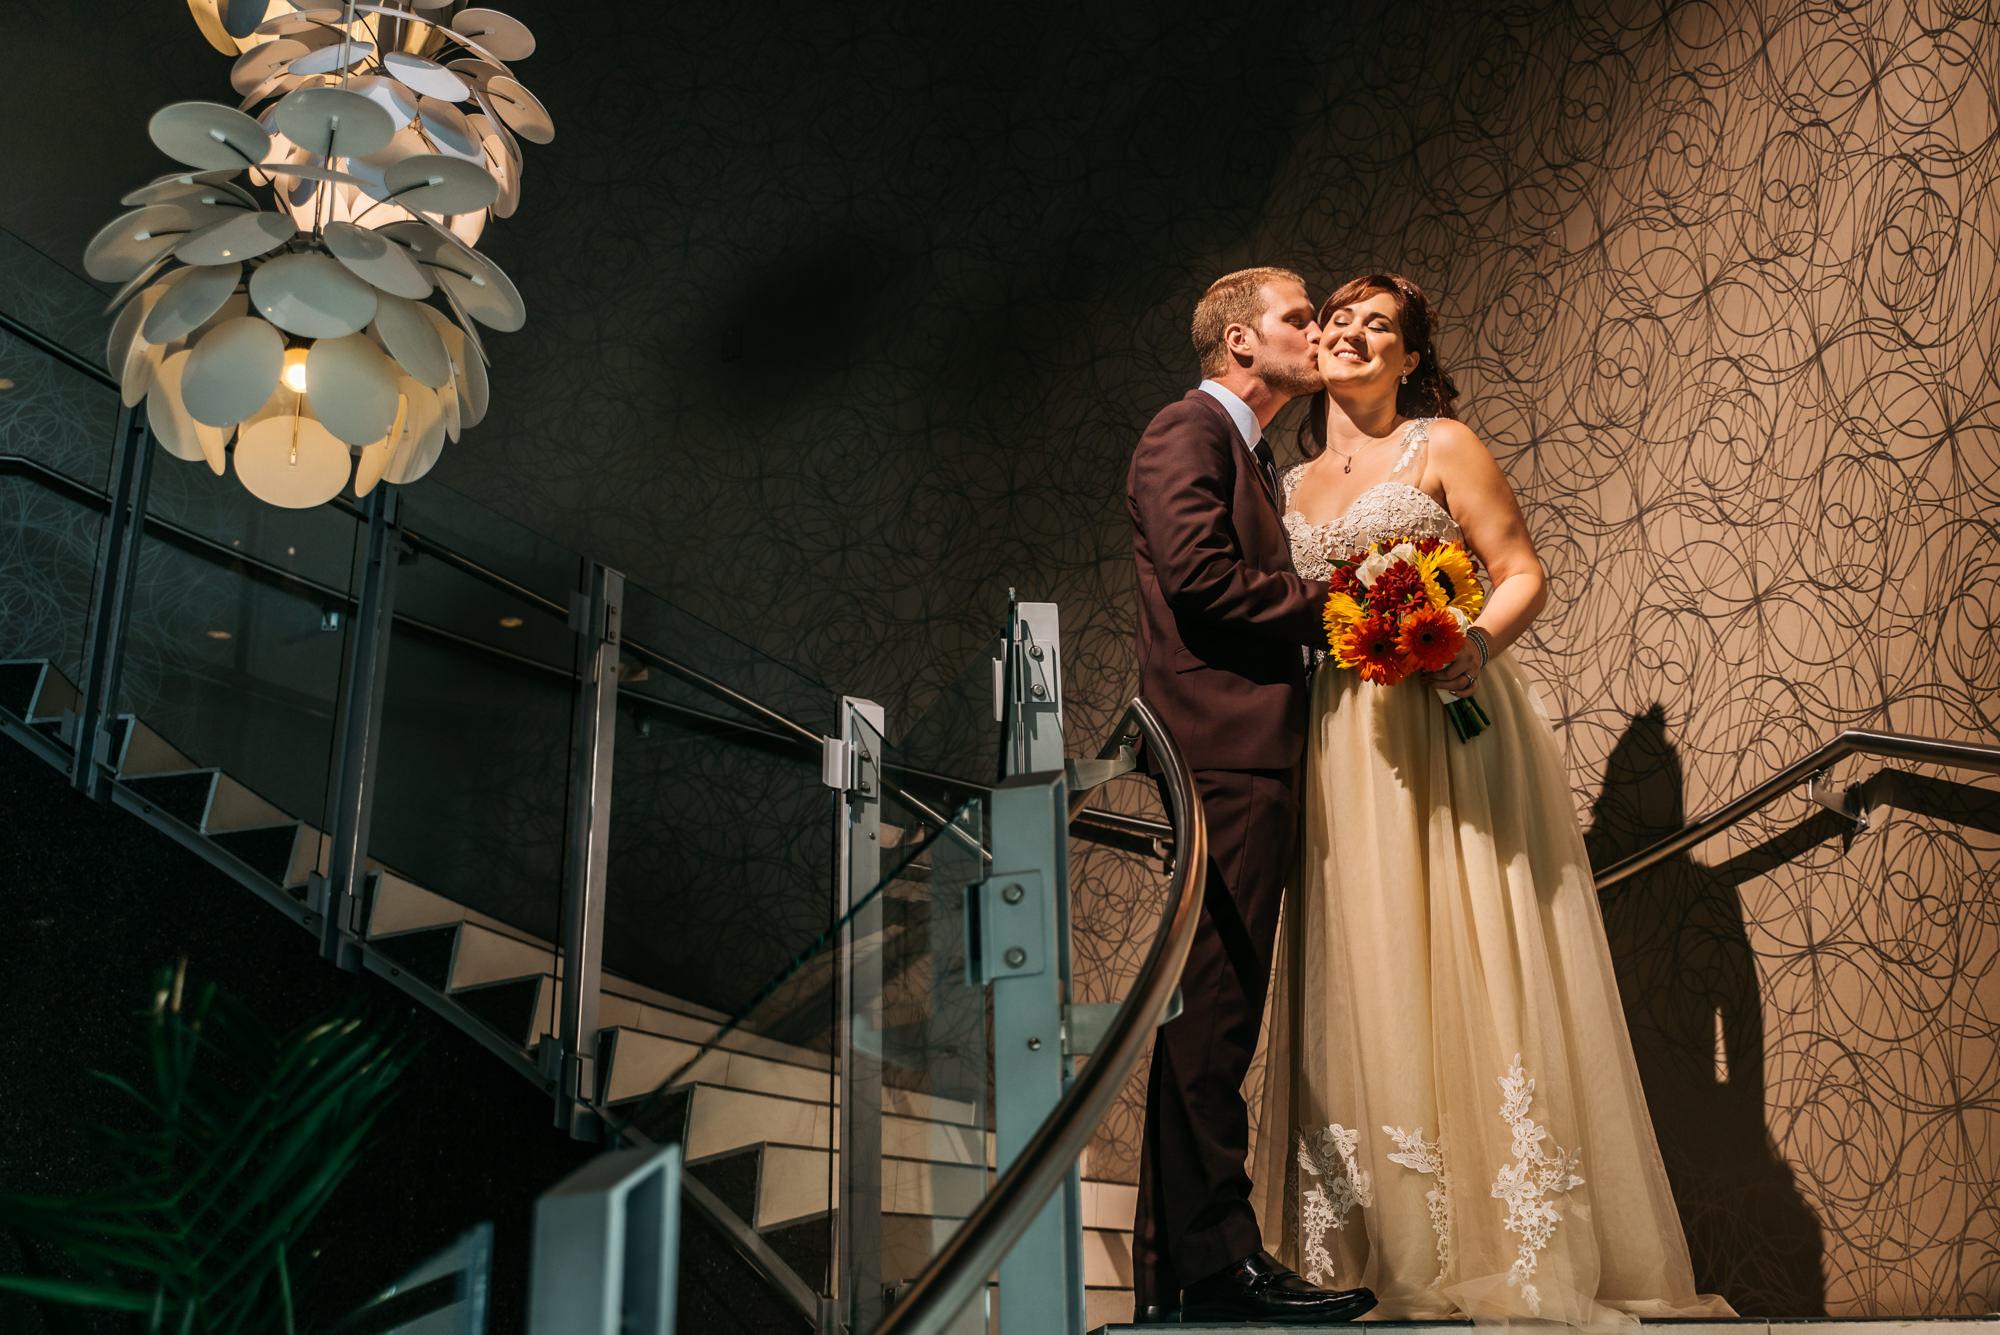 170149hollyburn_country_club_wedding_photographer_reception4.jpg